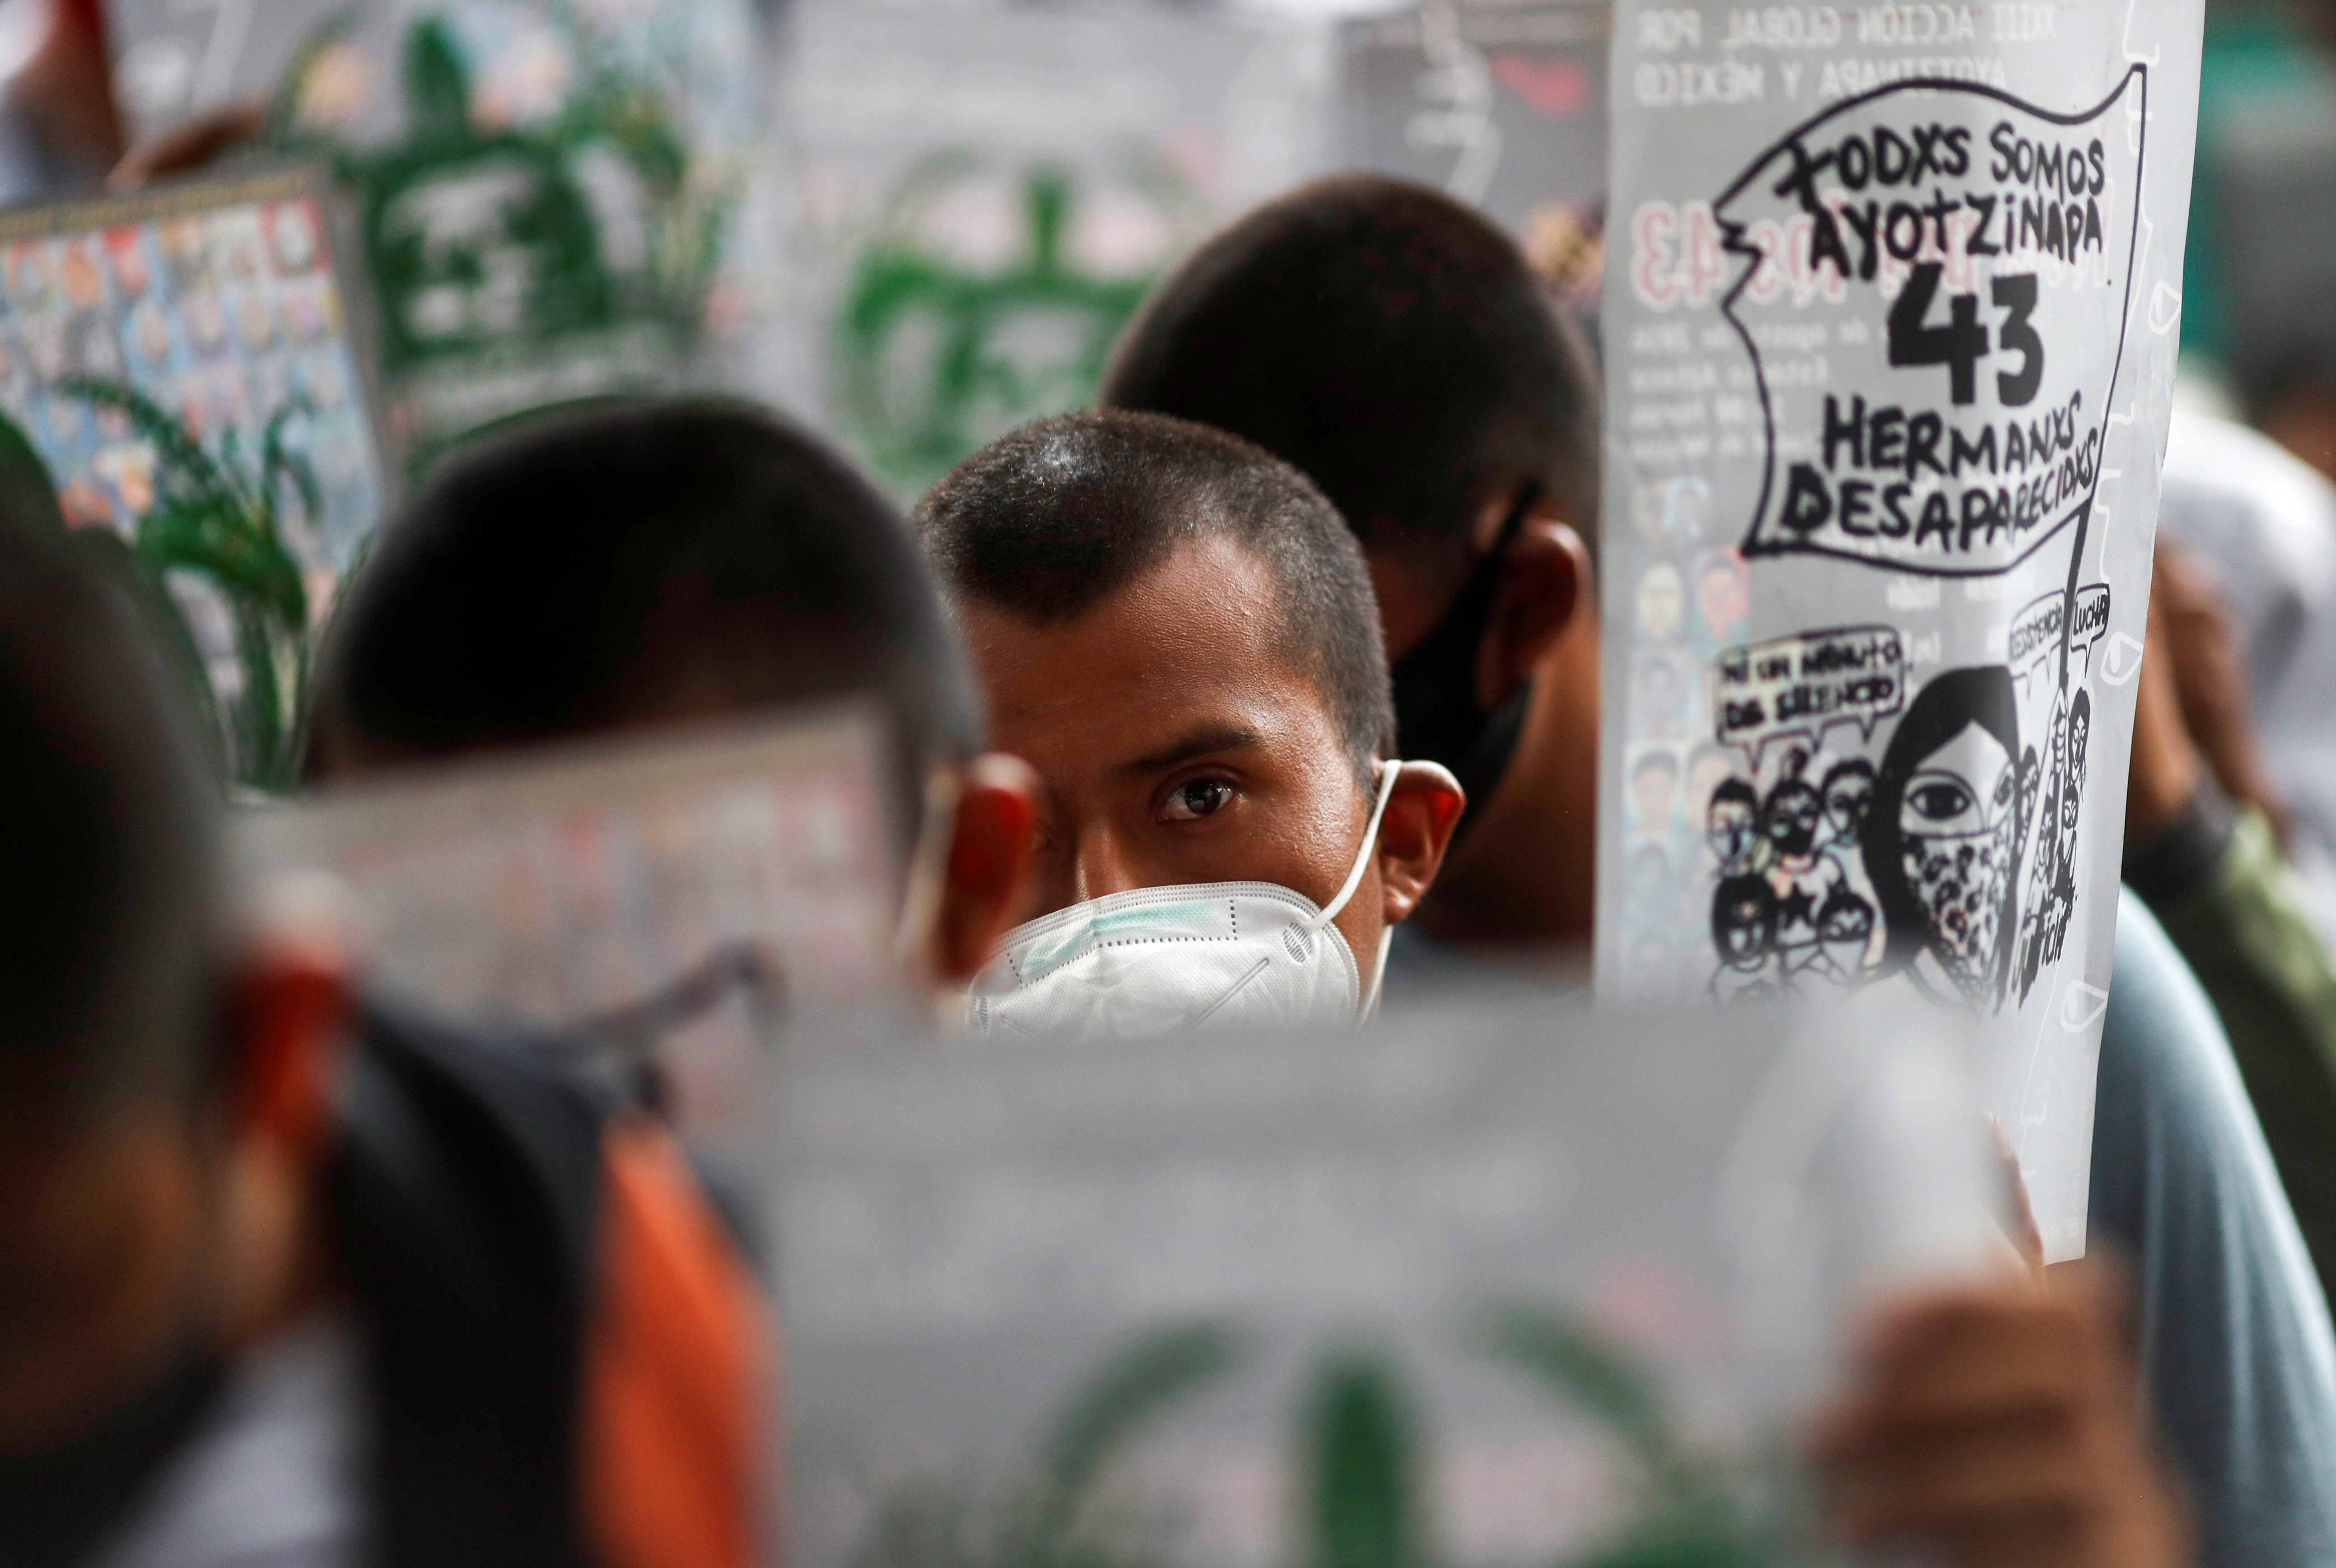 Estudiantes de la Escuela Normal Rural de Ayotzinapa sostienen carteles durante una protesta frente a la Fiscalía General antes del sexto aniversario de la desaparición de 43 estudiantes, en la Ciudad de México, México, 25 de septiembre de 2020.